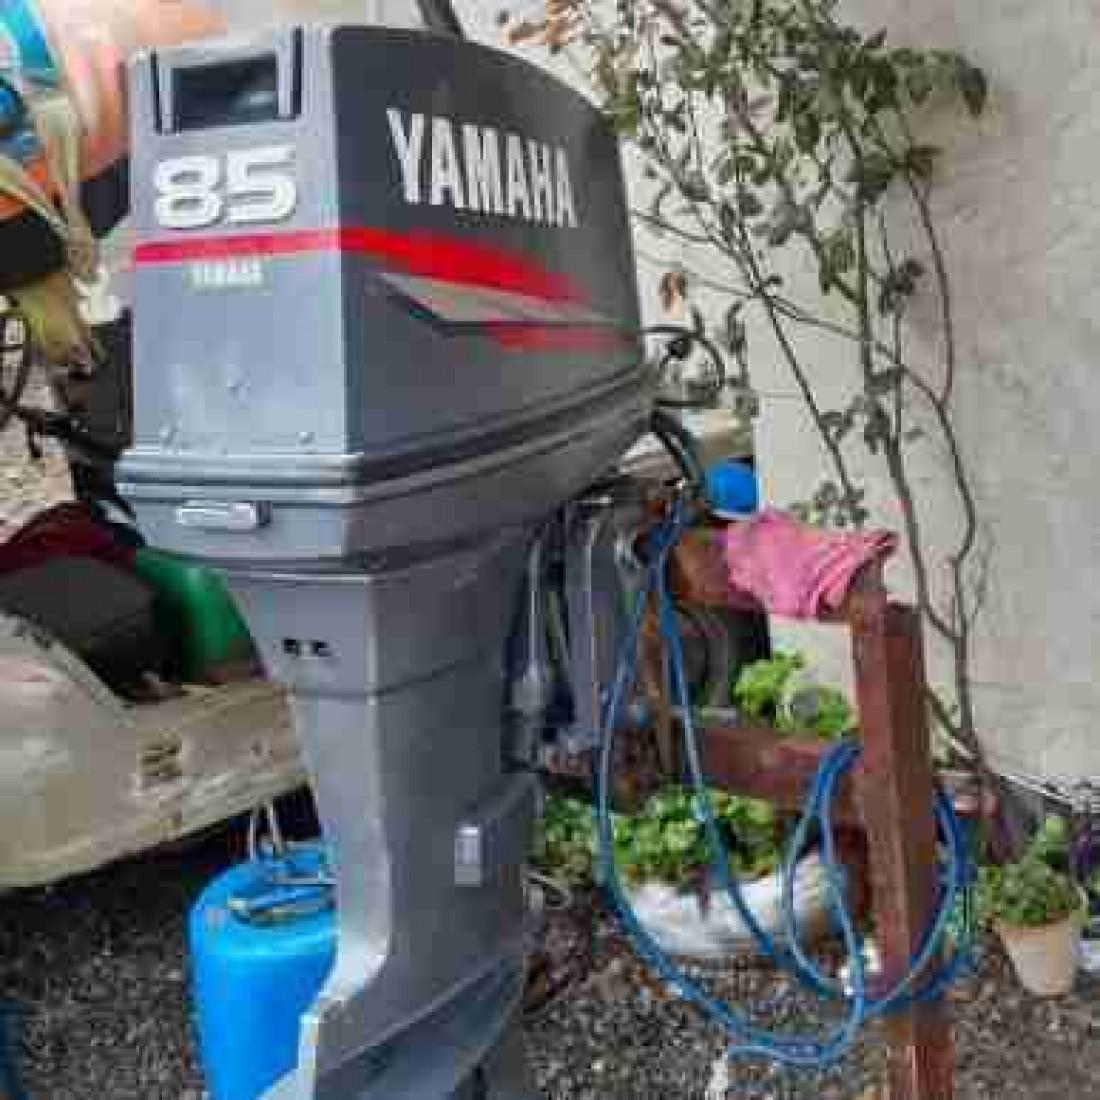 فروش موتور 85 یاماها